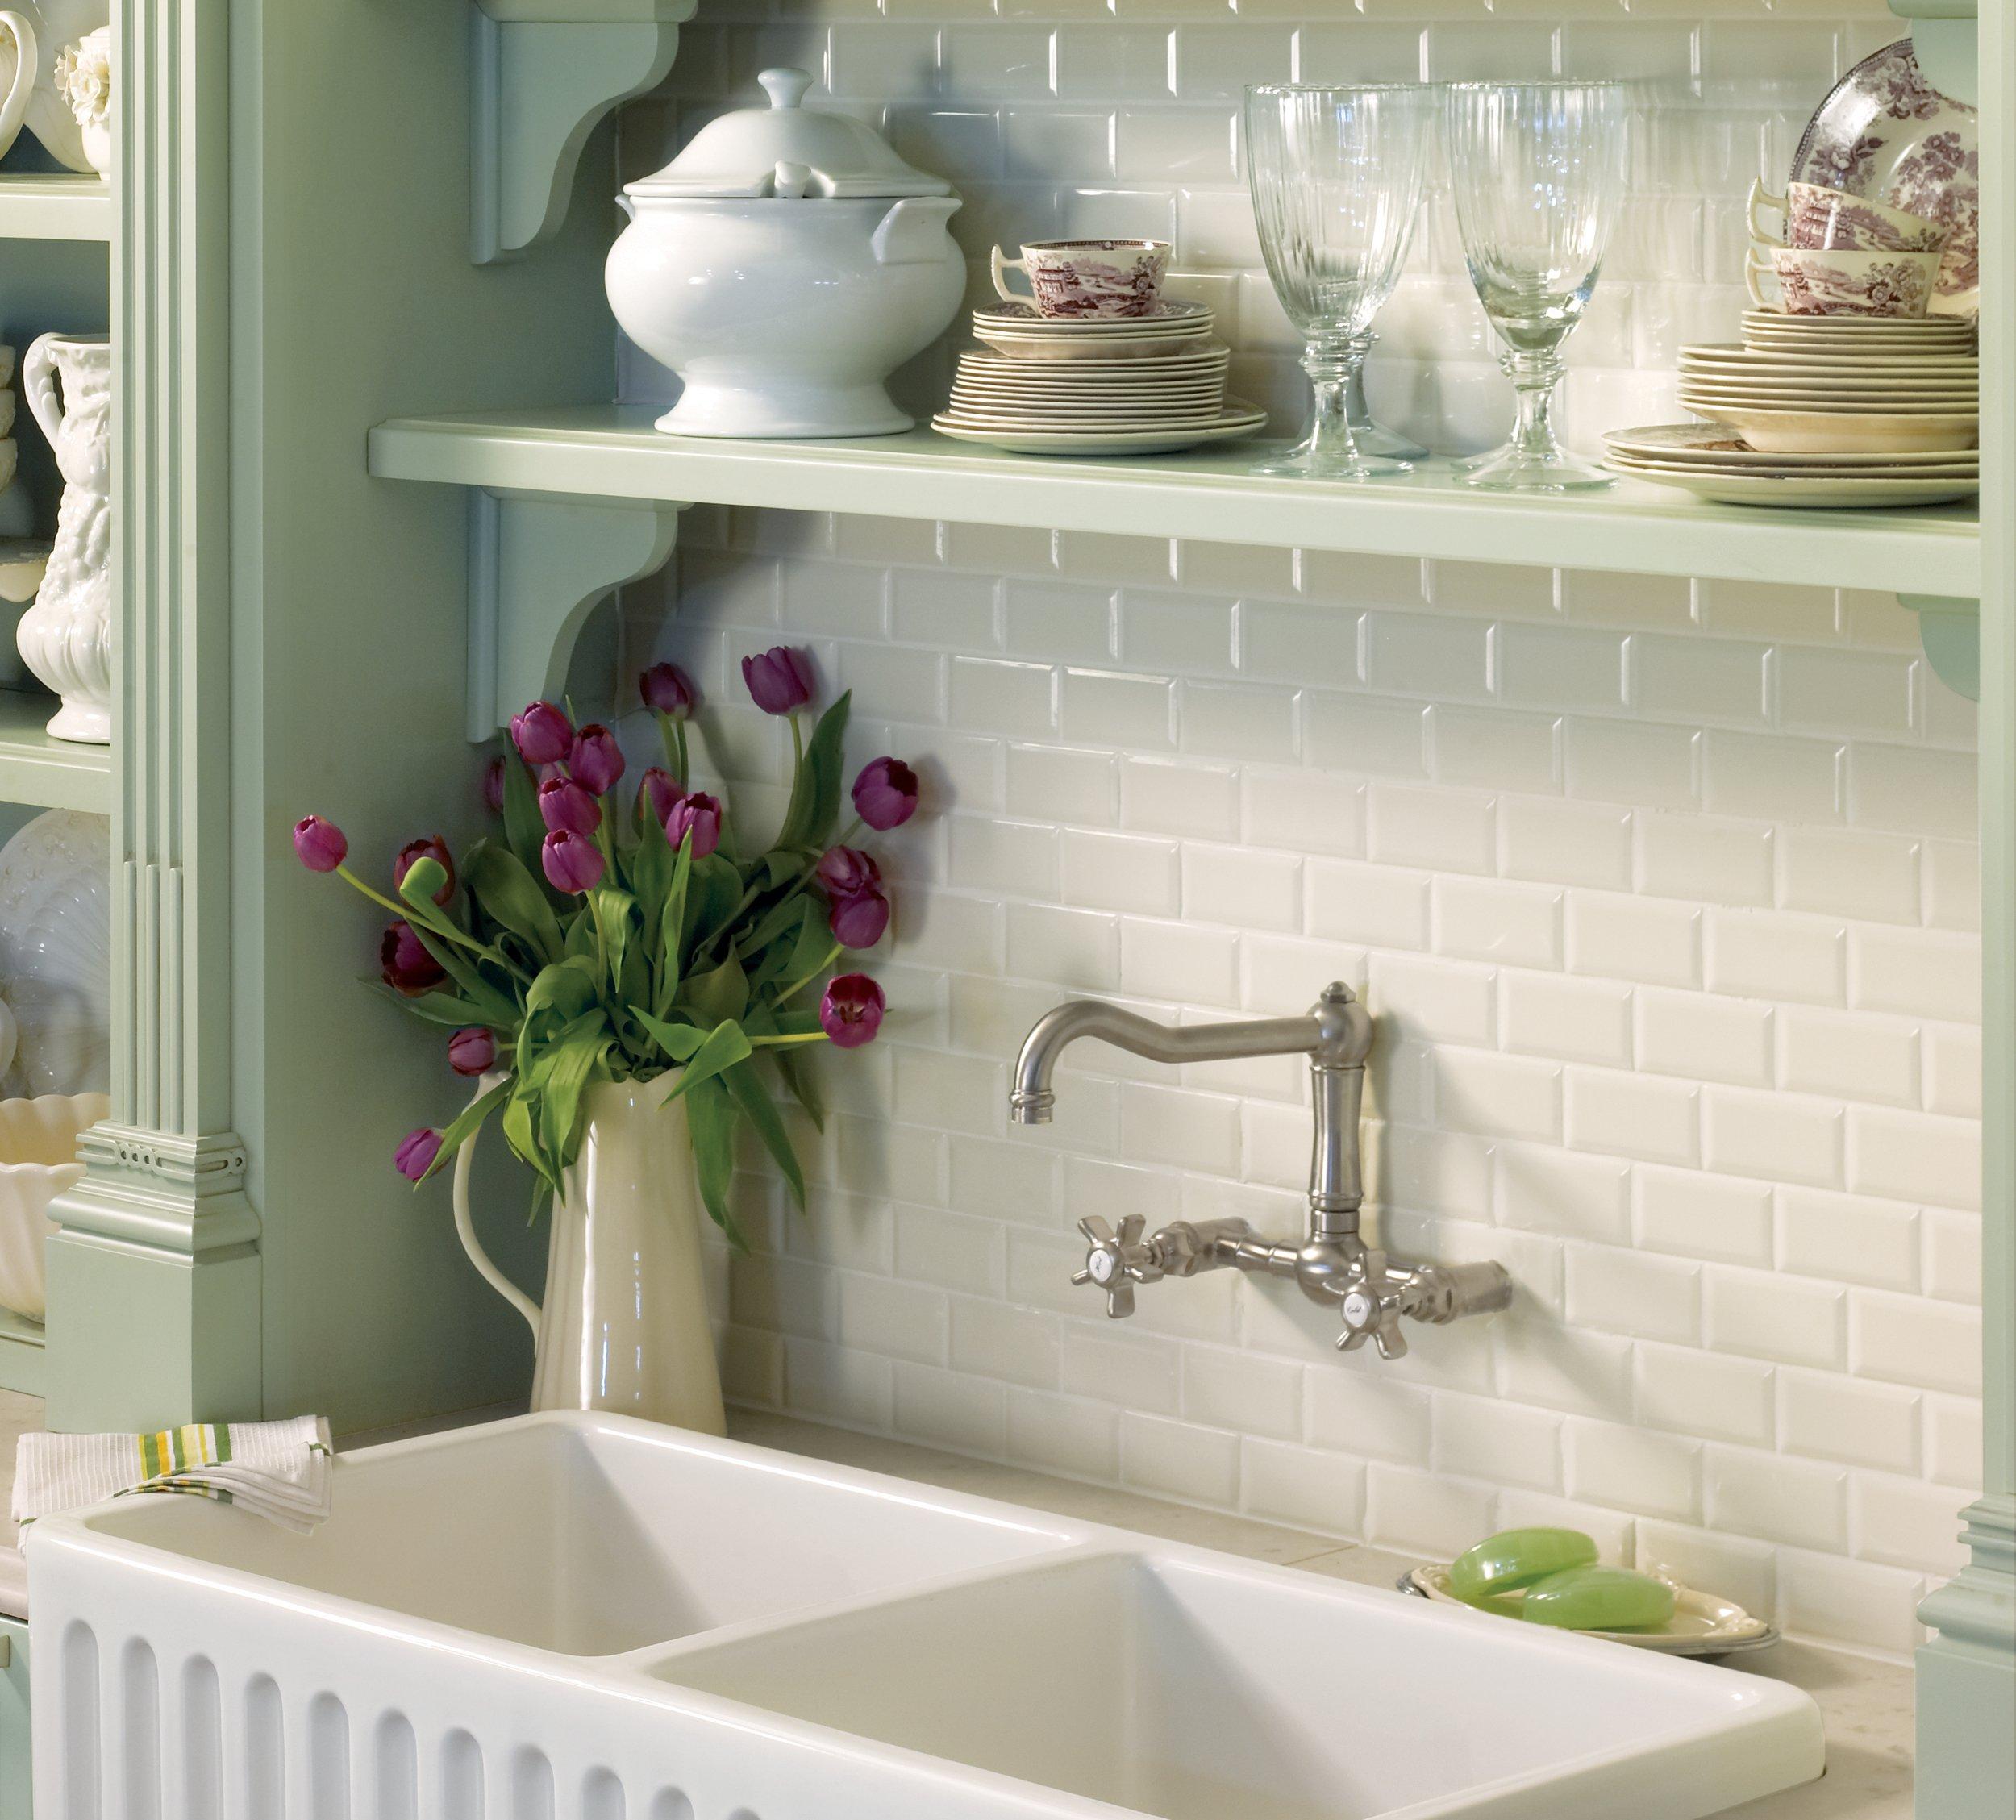 Garden state kitchen and bath 28 images kitchen design for Wohnideen nindorf